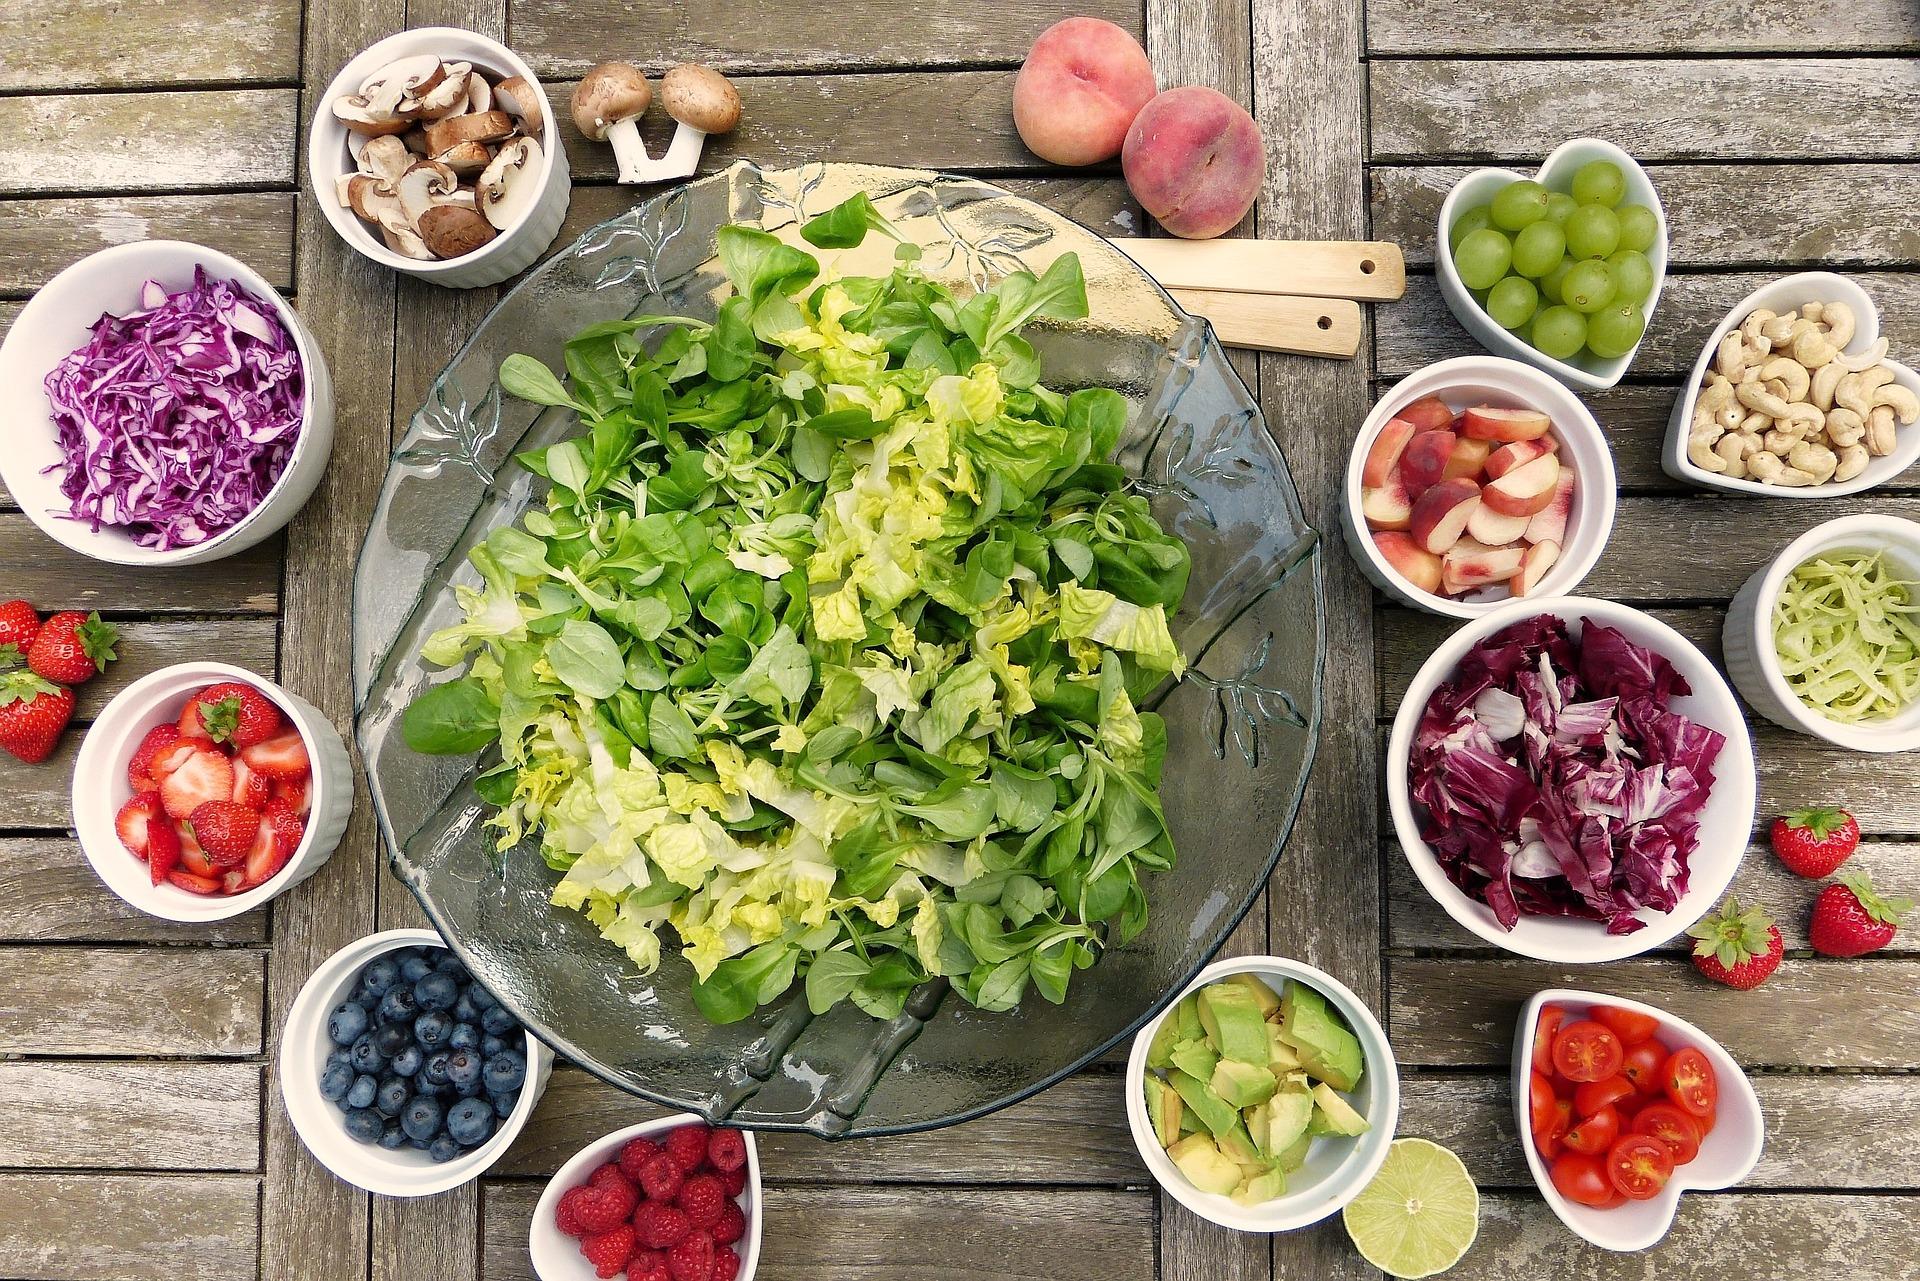 Cosa mangiare dopo Pasqua